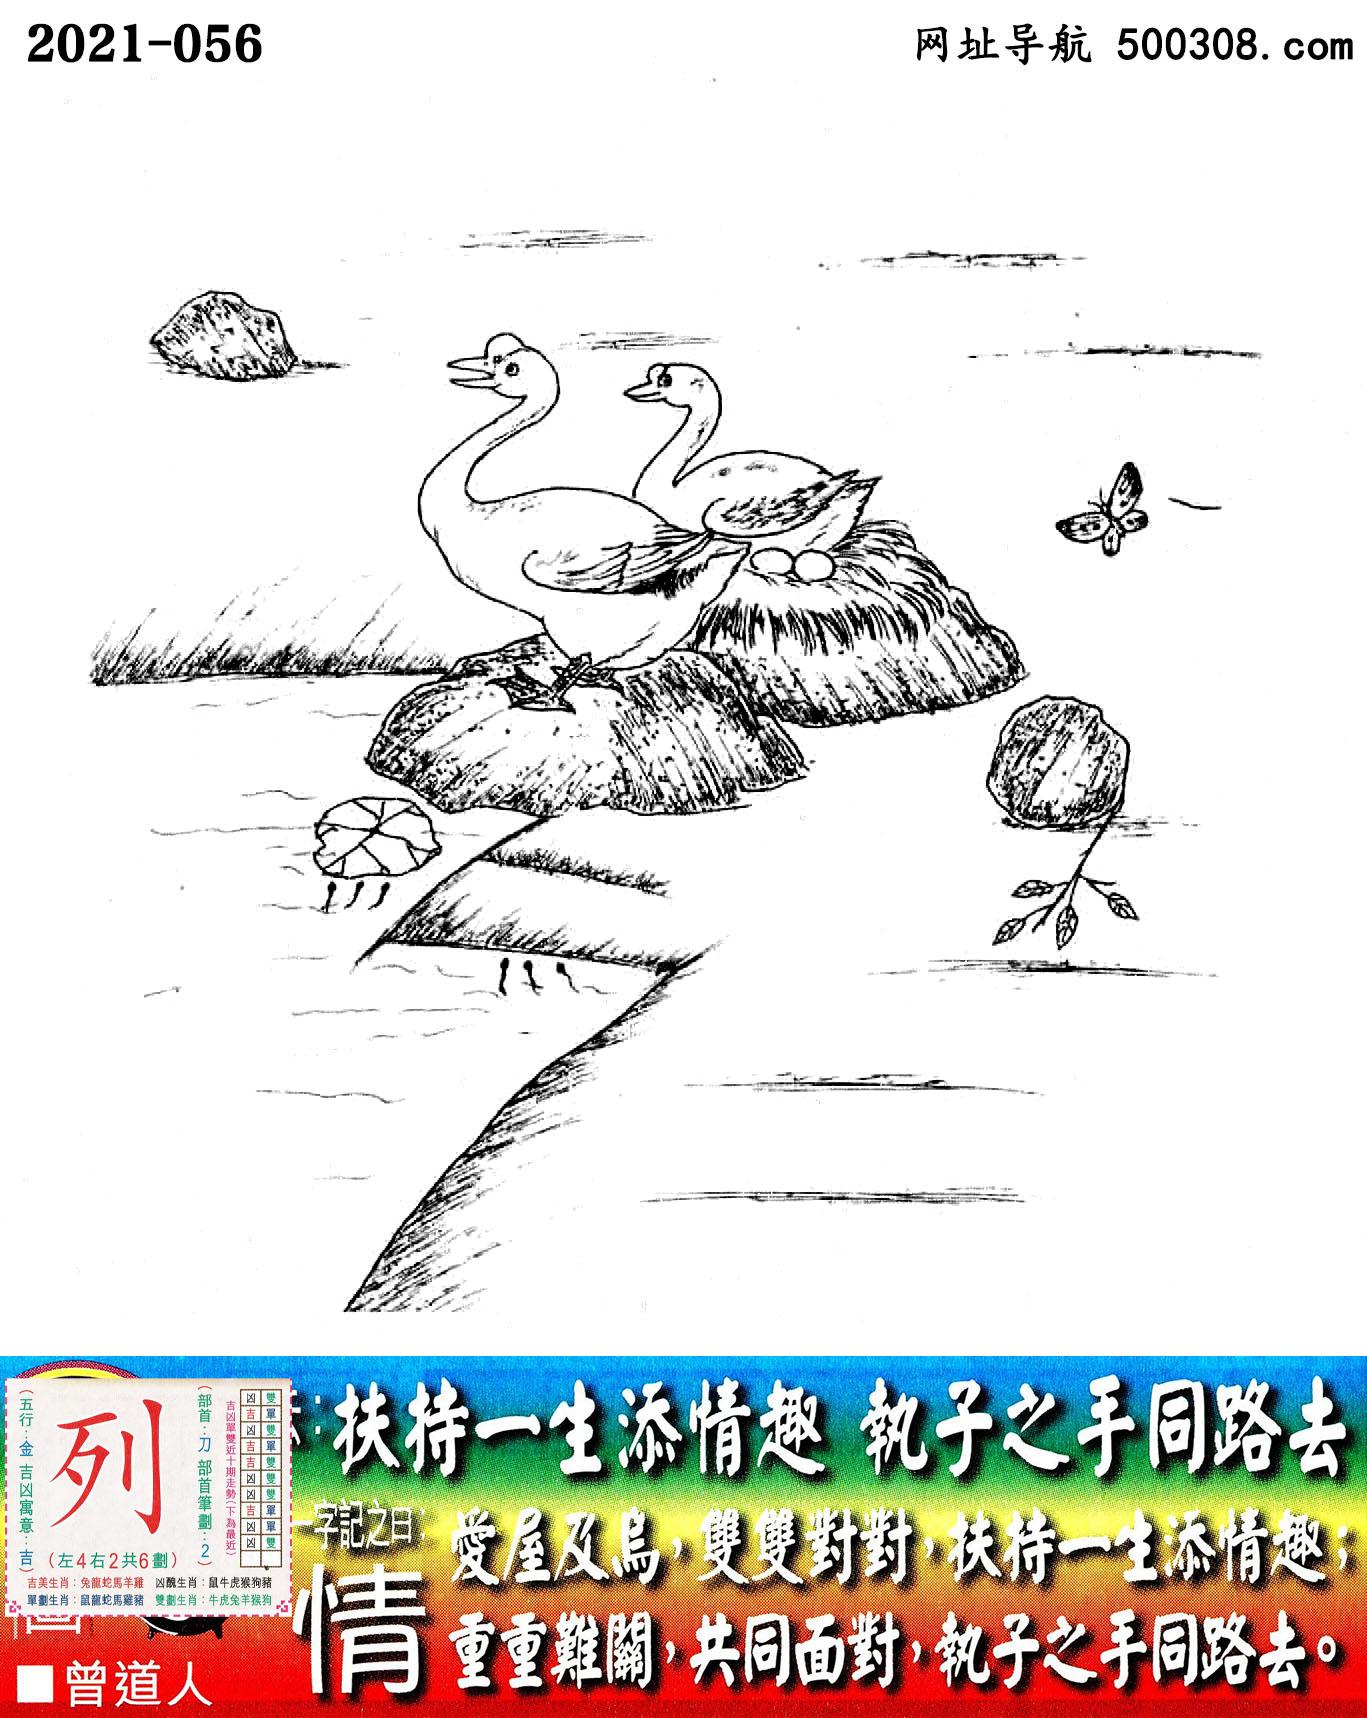 056期老版跑狗一字記之曰:【情】_詩雲:扶持一生添情趣,執子之手同路去。